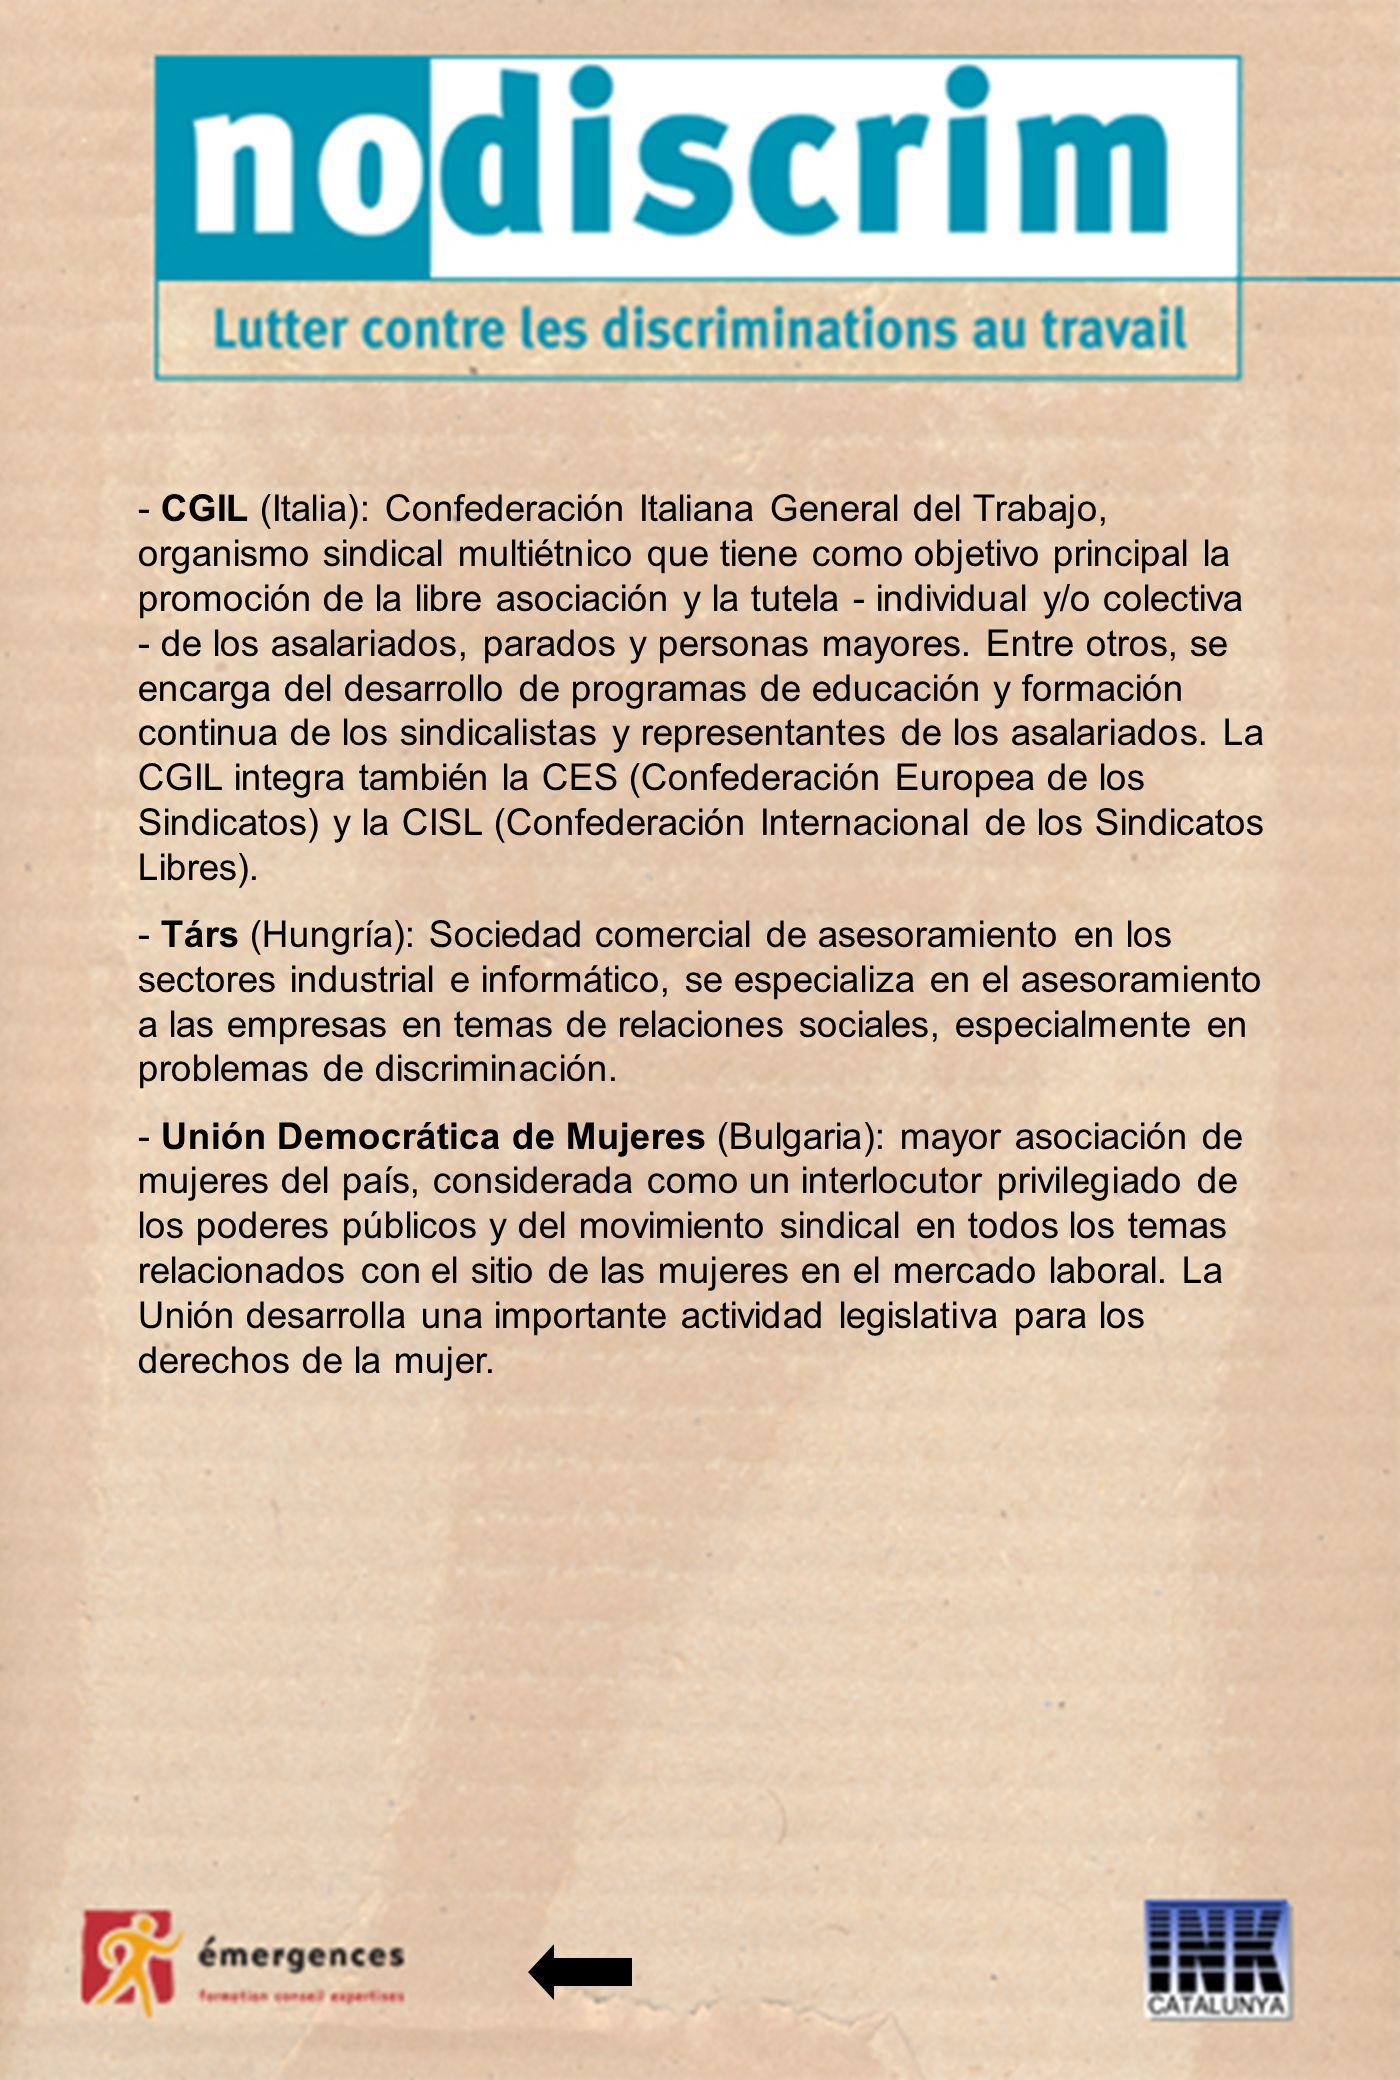 - CGIL (Italia): Confederación Italiana General del Trabajo, organismo sindical multiétnico que tiene como objetivo principal la promoción de la libre asociación y la tutela - individual y/o colectiva - de los asalariados, parados y personas mayores.